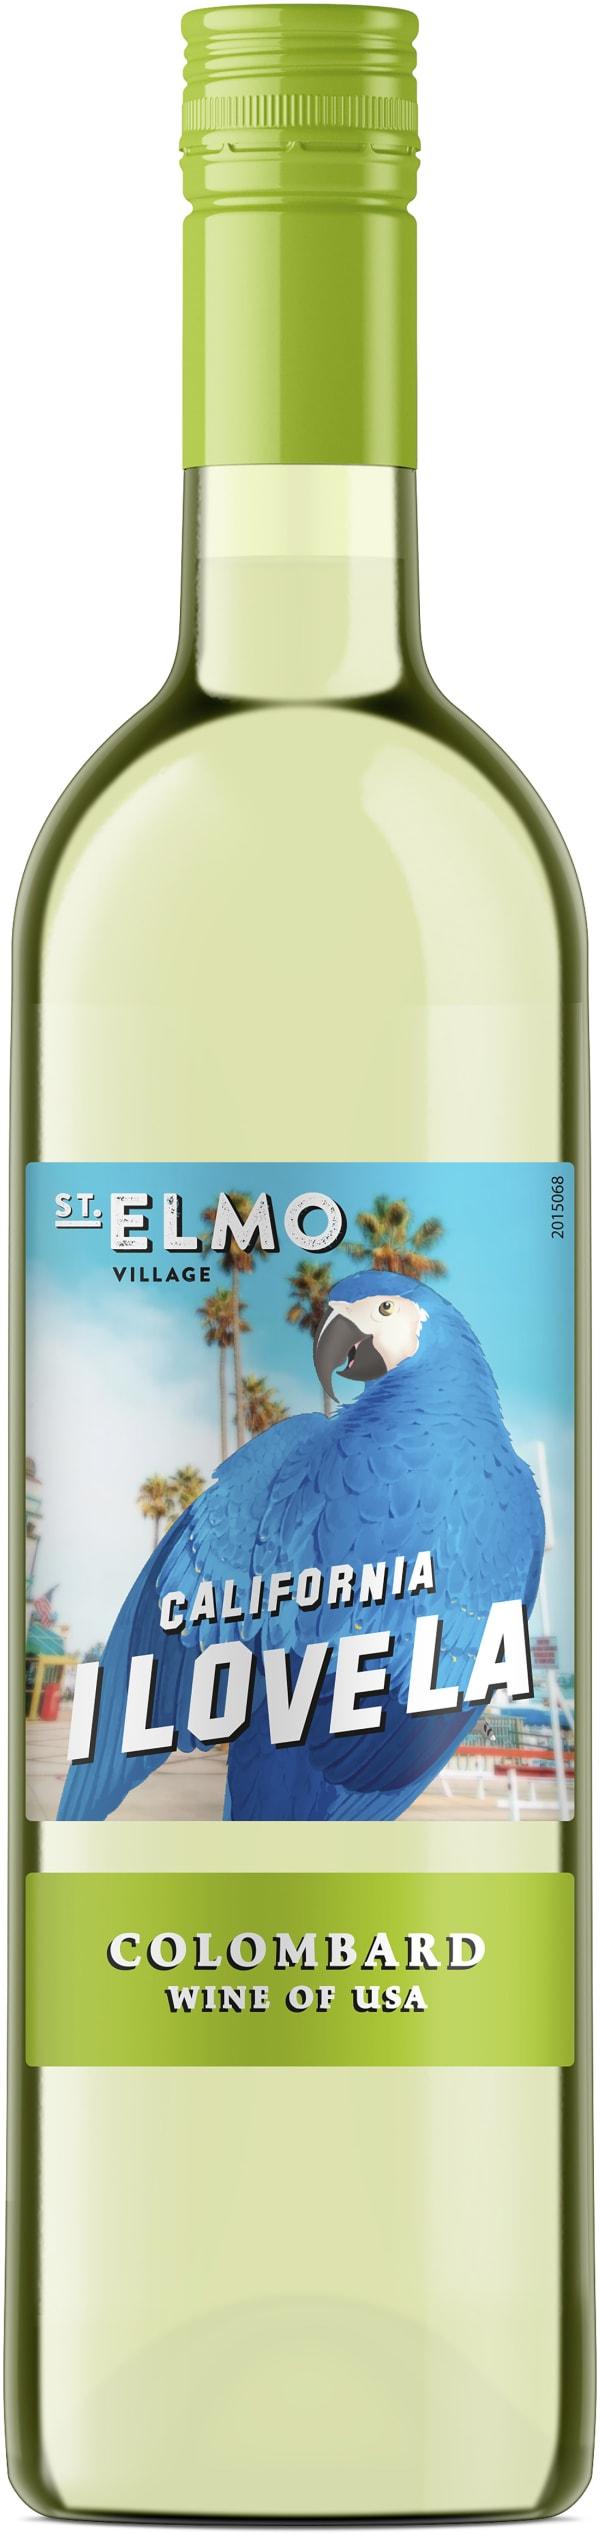 St. Elmo Village